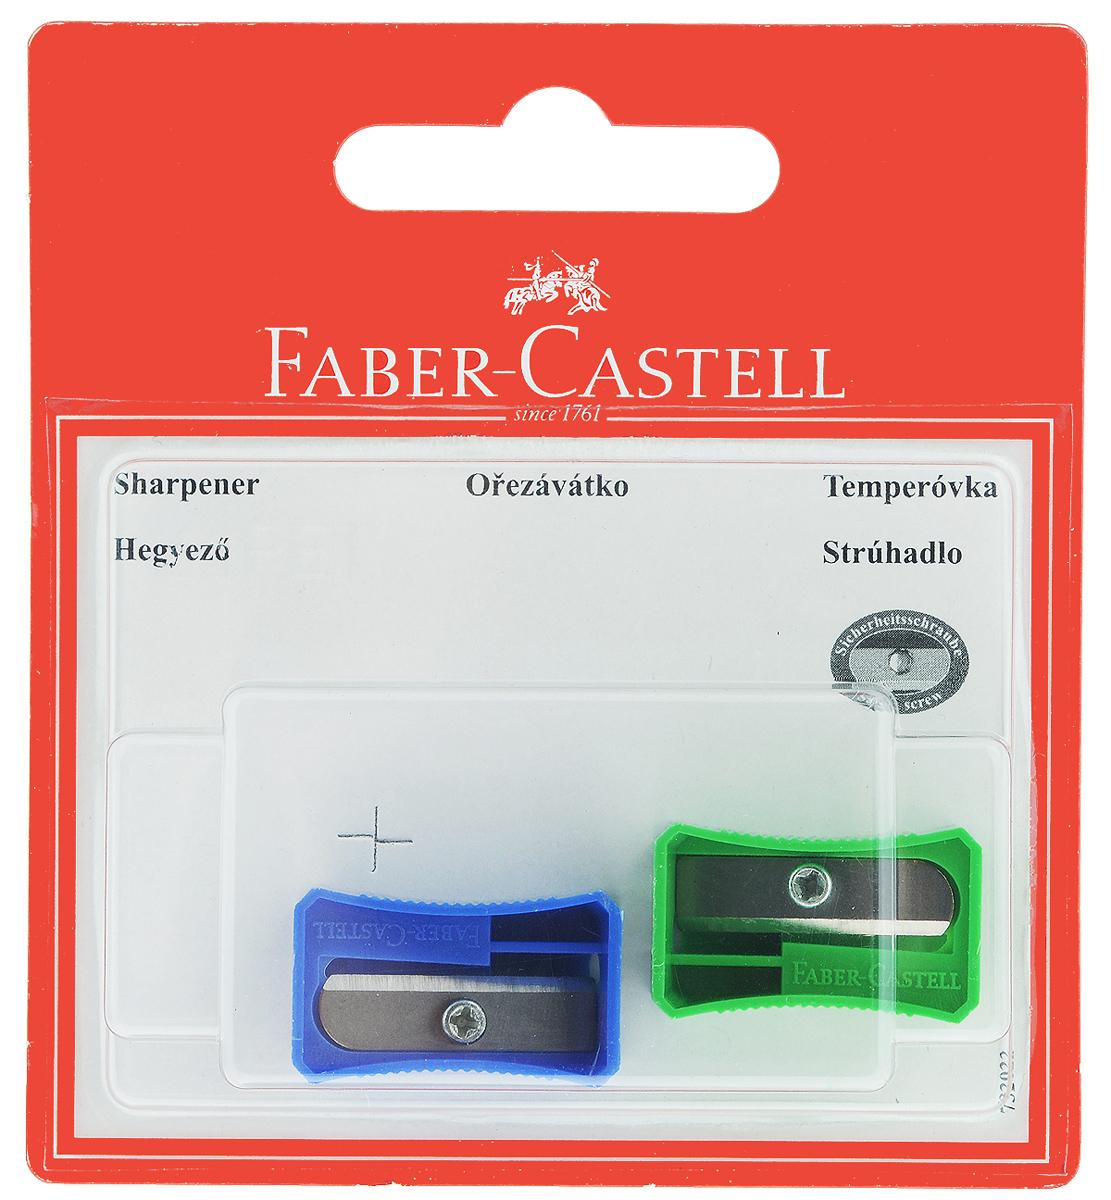 Faber-Castell Точилка цвет синий зеленый 2 шт730396Набор точилок Faber-Castell предназначен для затачивания классических простых и цветных карандашей. В наборе две точилки из прочного пластика с рифленой областью захвата. Острые стальные лезвия обеспечивают высококачественную и точную заточку деревянных карандашей.